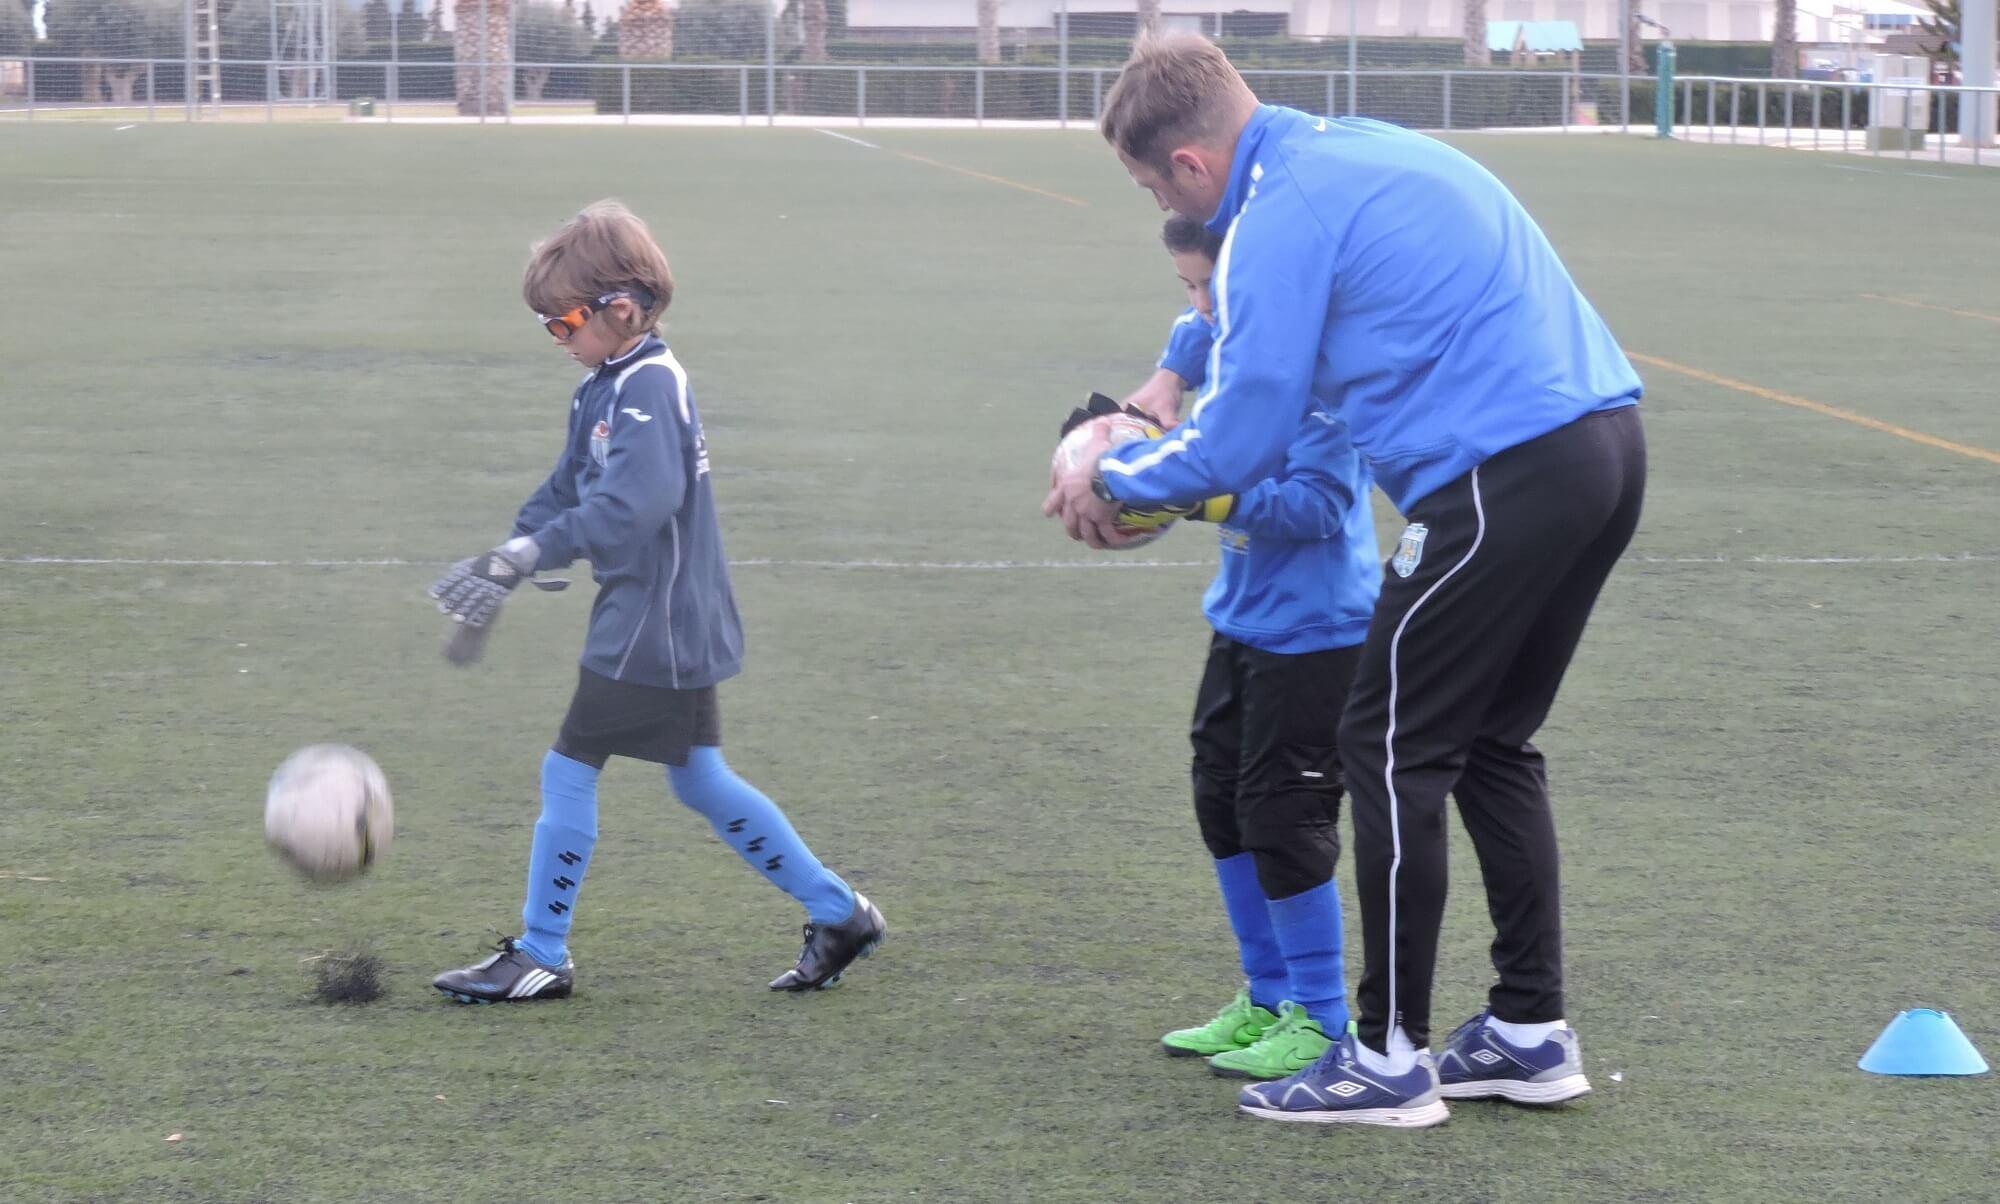 мастер класс - как правильно держать мяч